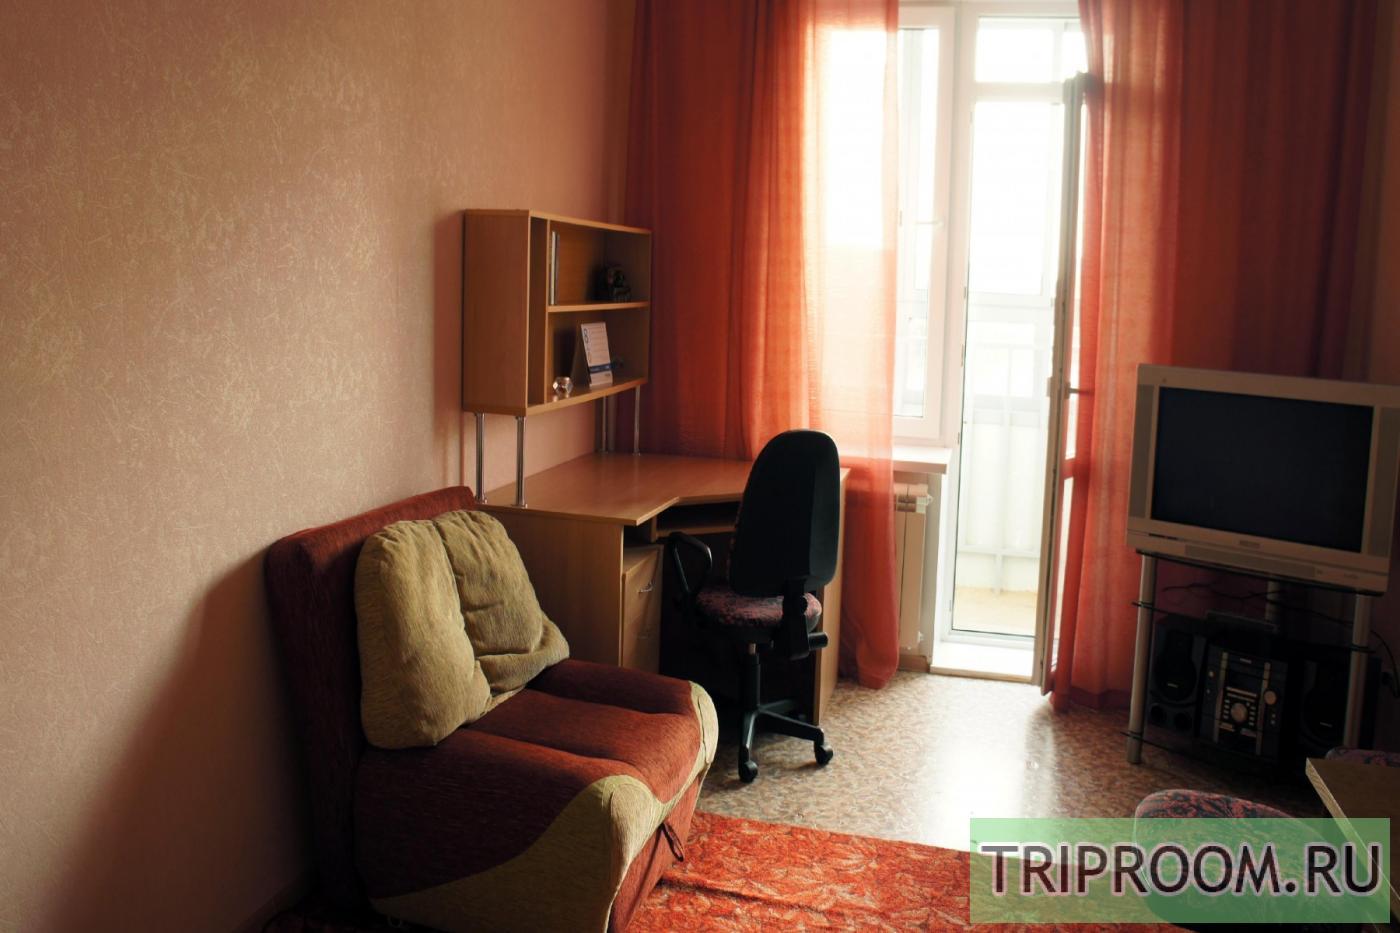 1-комнатная квартира посуточно (вариант № 23100), ул. Московская улица, фото № 6